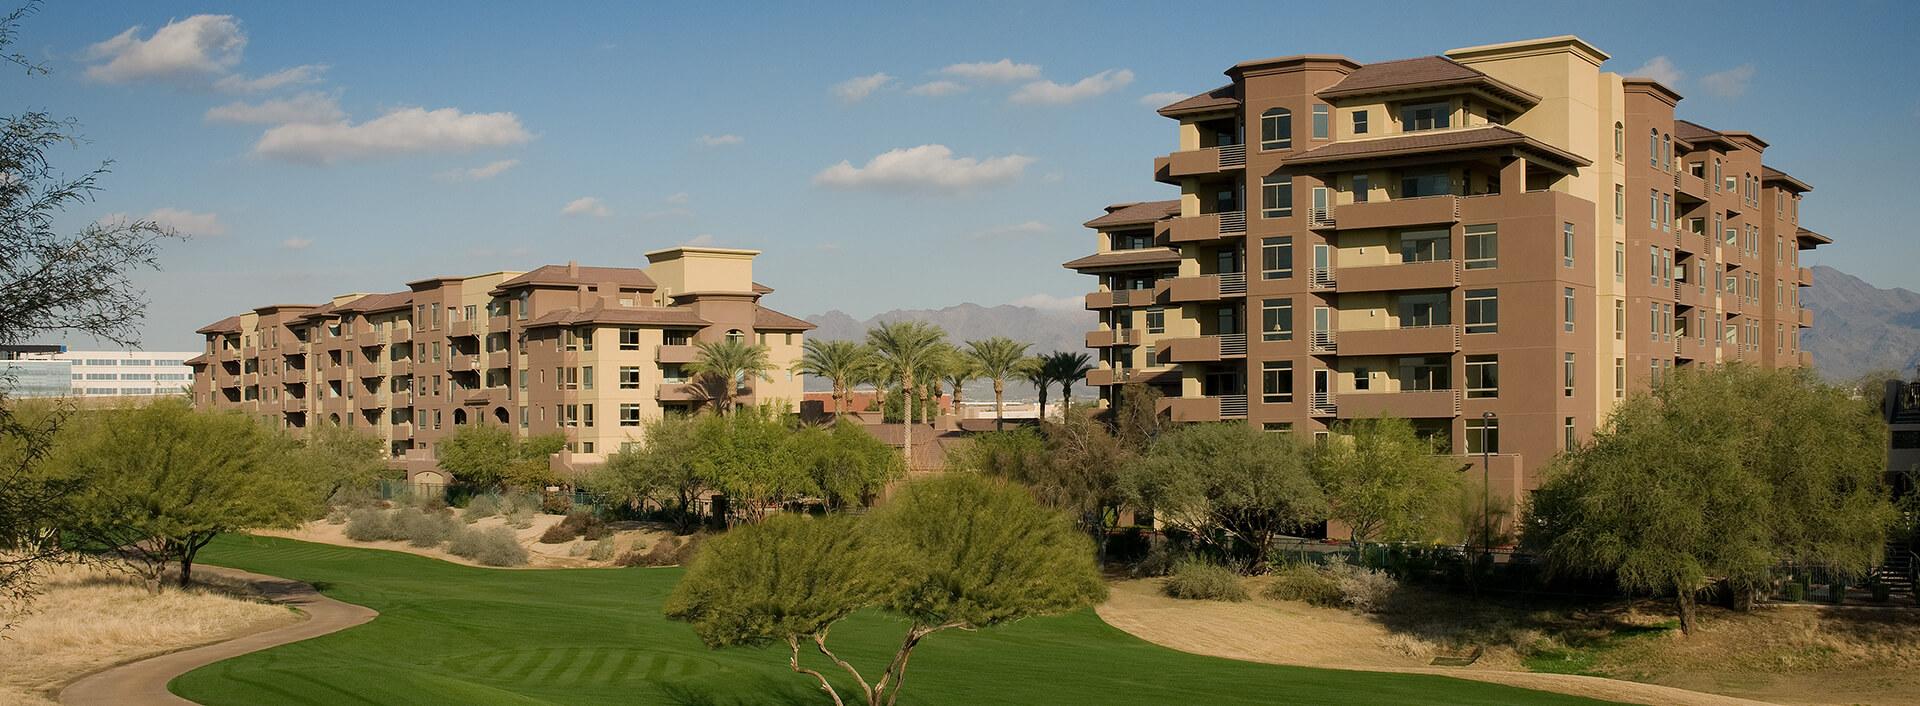 Scottsdale Luxury Condos